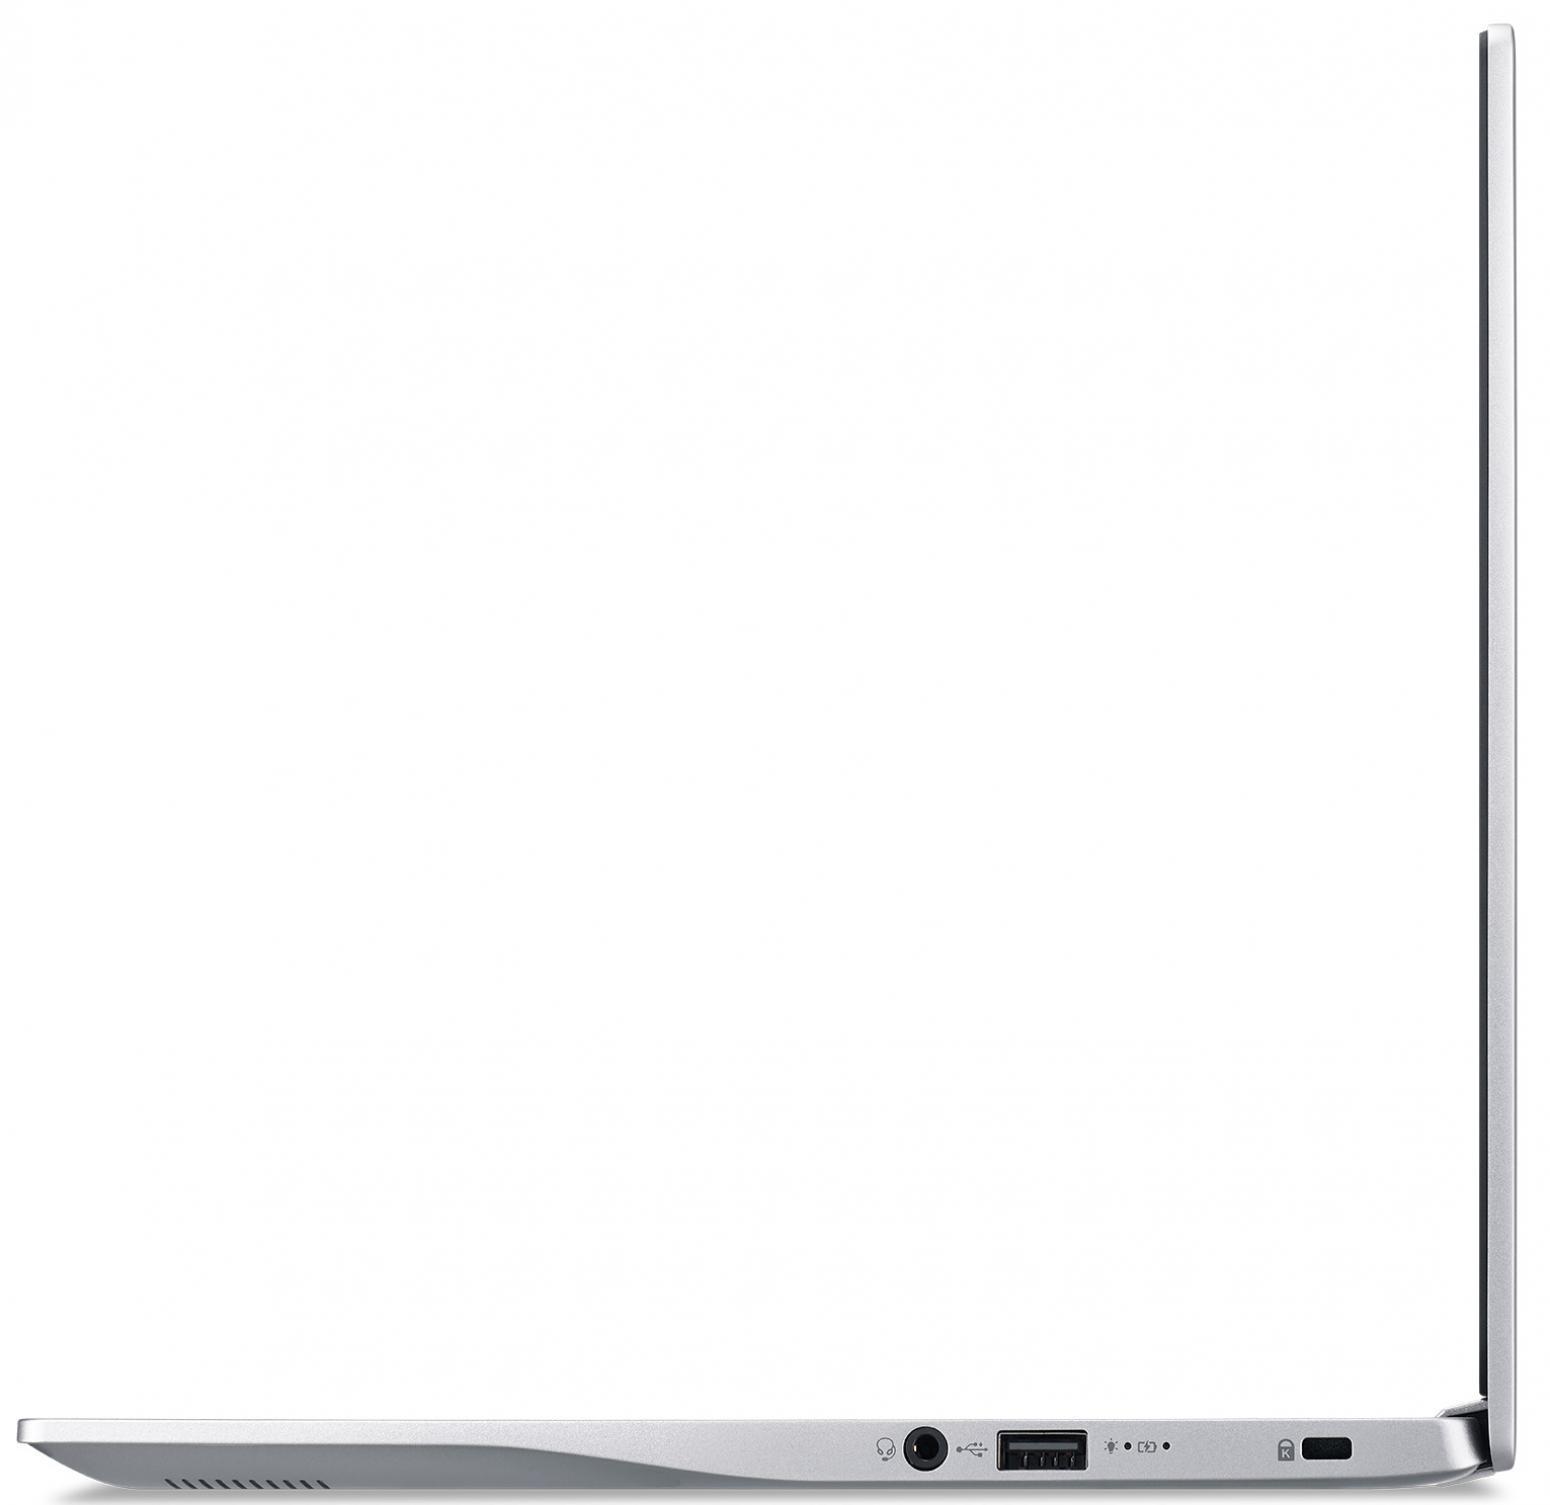 Ordinateur portable Acer Swift 3 SF314-59-56W5 Argent - photo 6